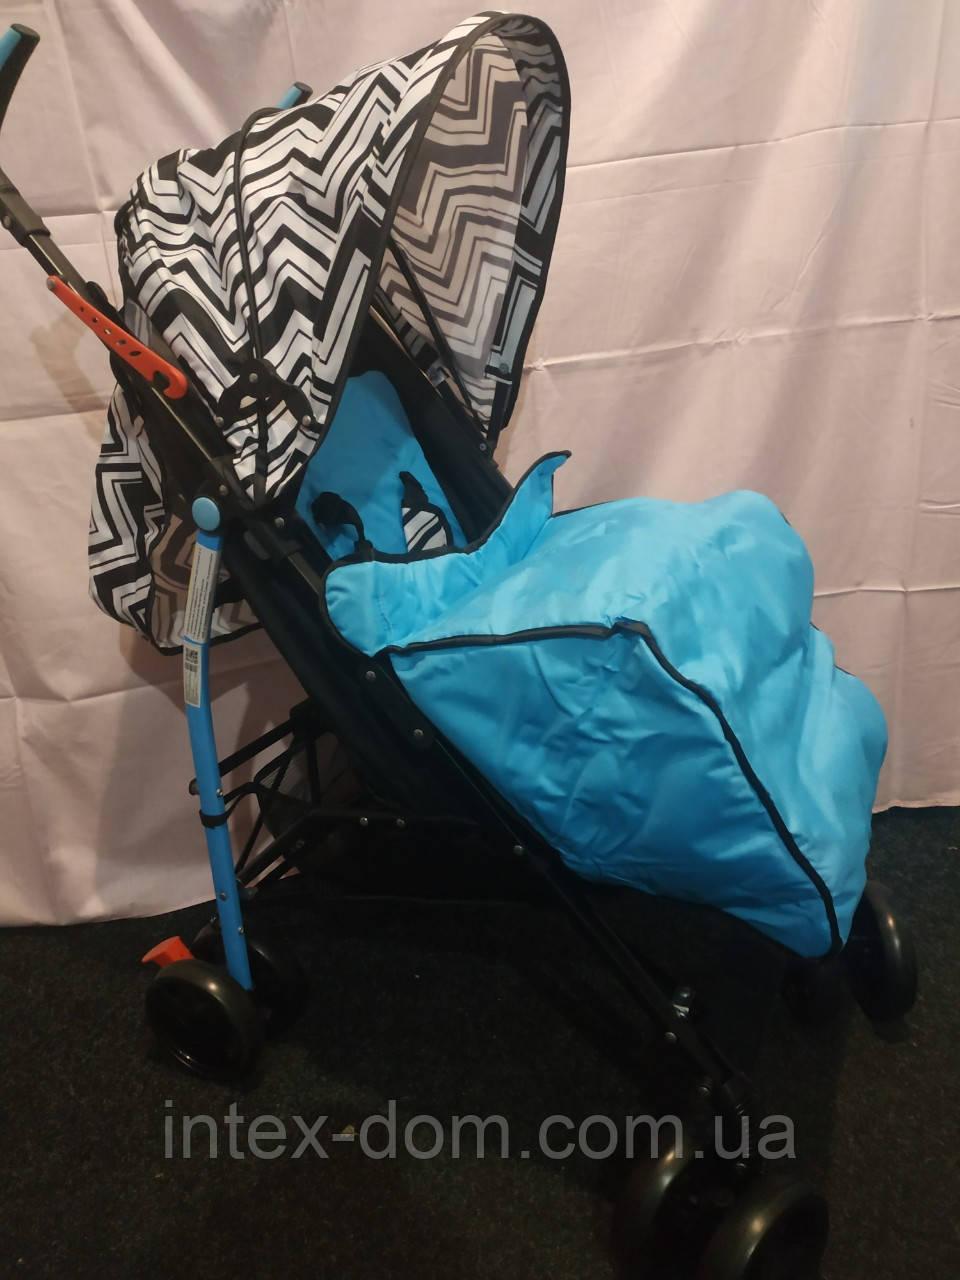 Детская коляска-трость BAMBI M 2719B (Голубая) с корзинкой